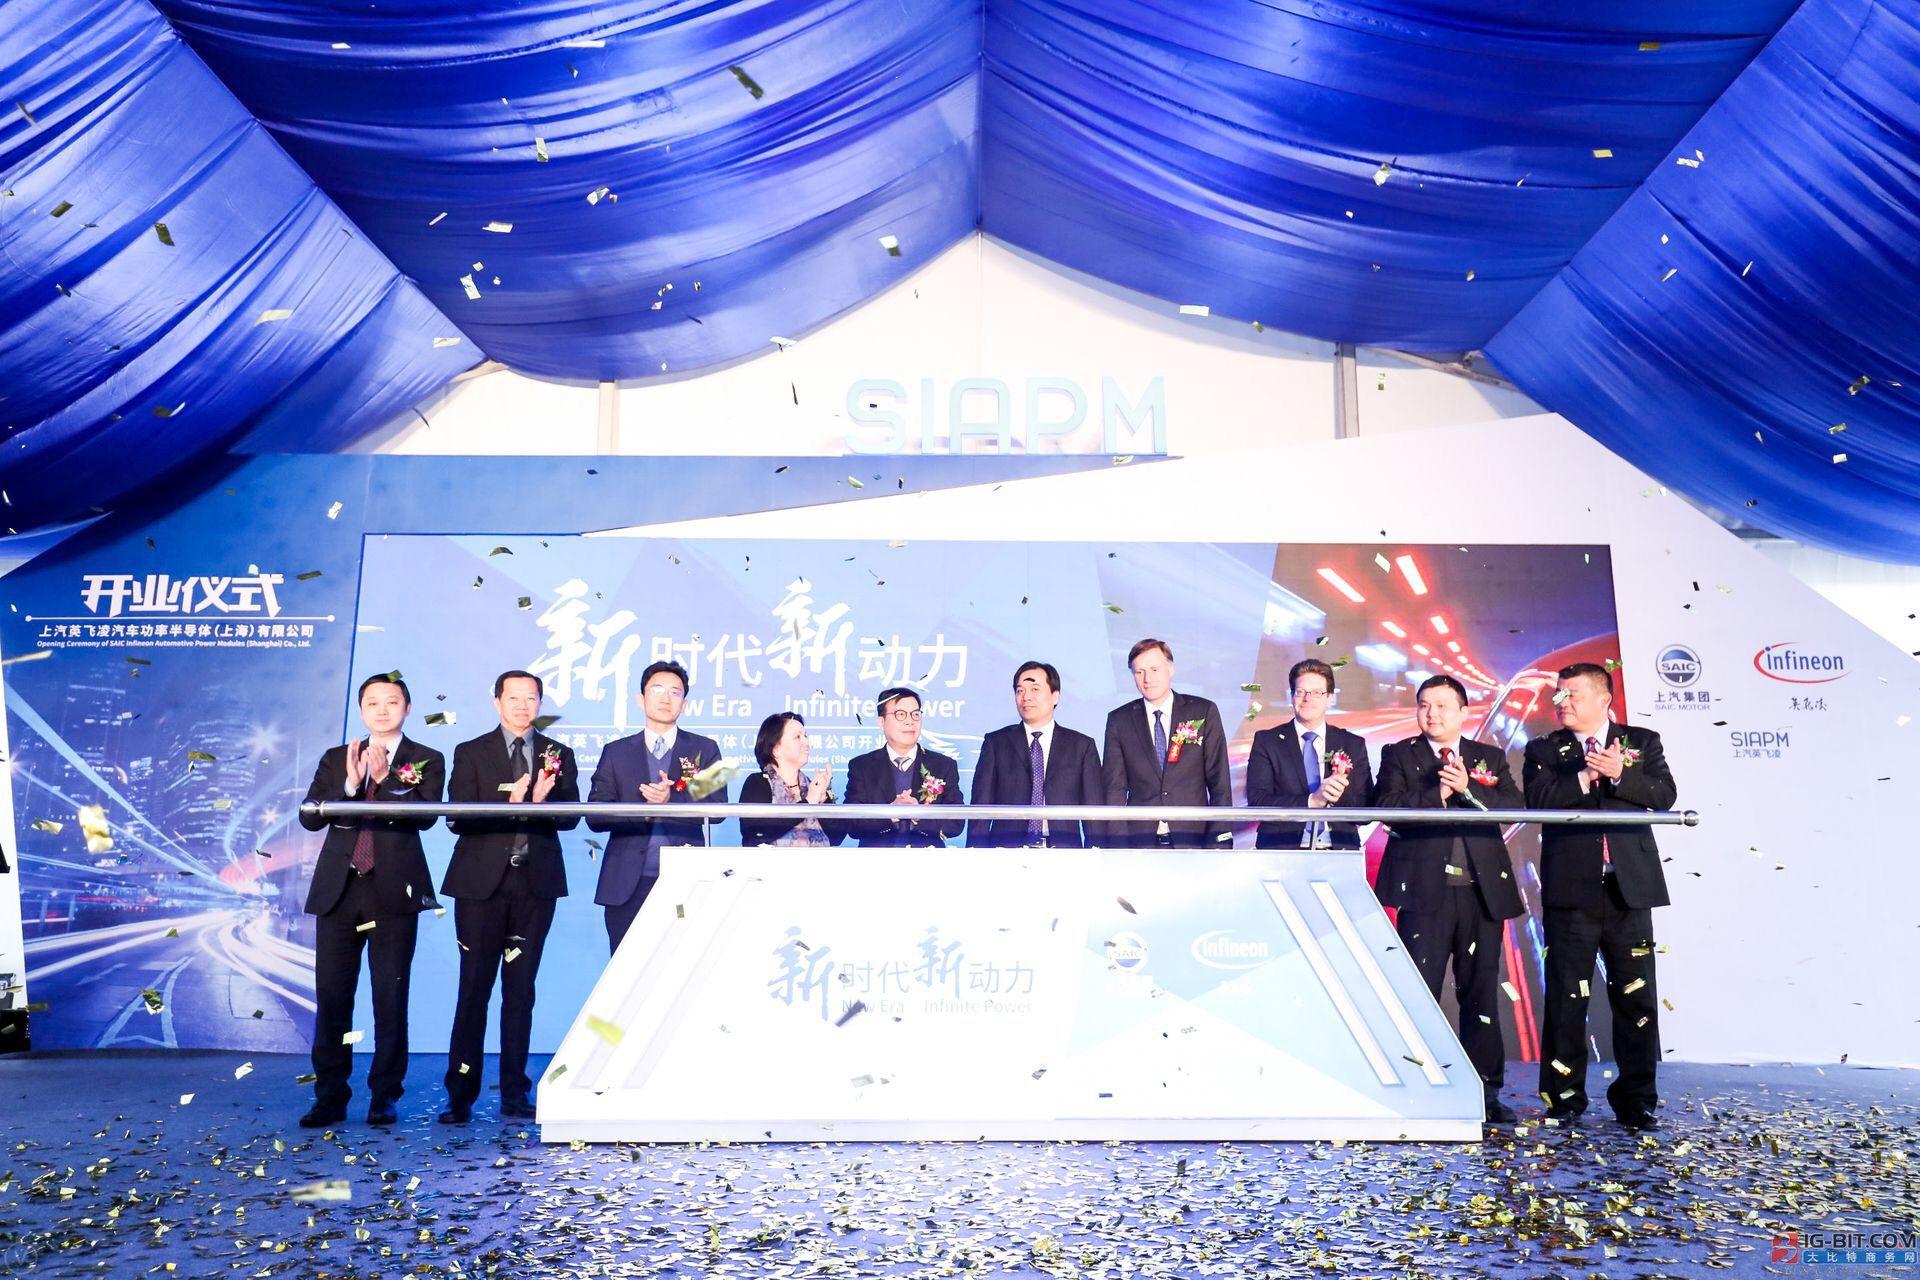 英飞凌科技携手上汽集团在华成立功率永利奥门娱乐场合资企业 助力全球最大电动汽车市场发展